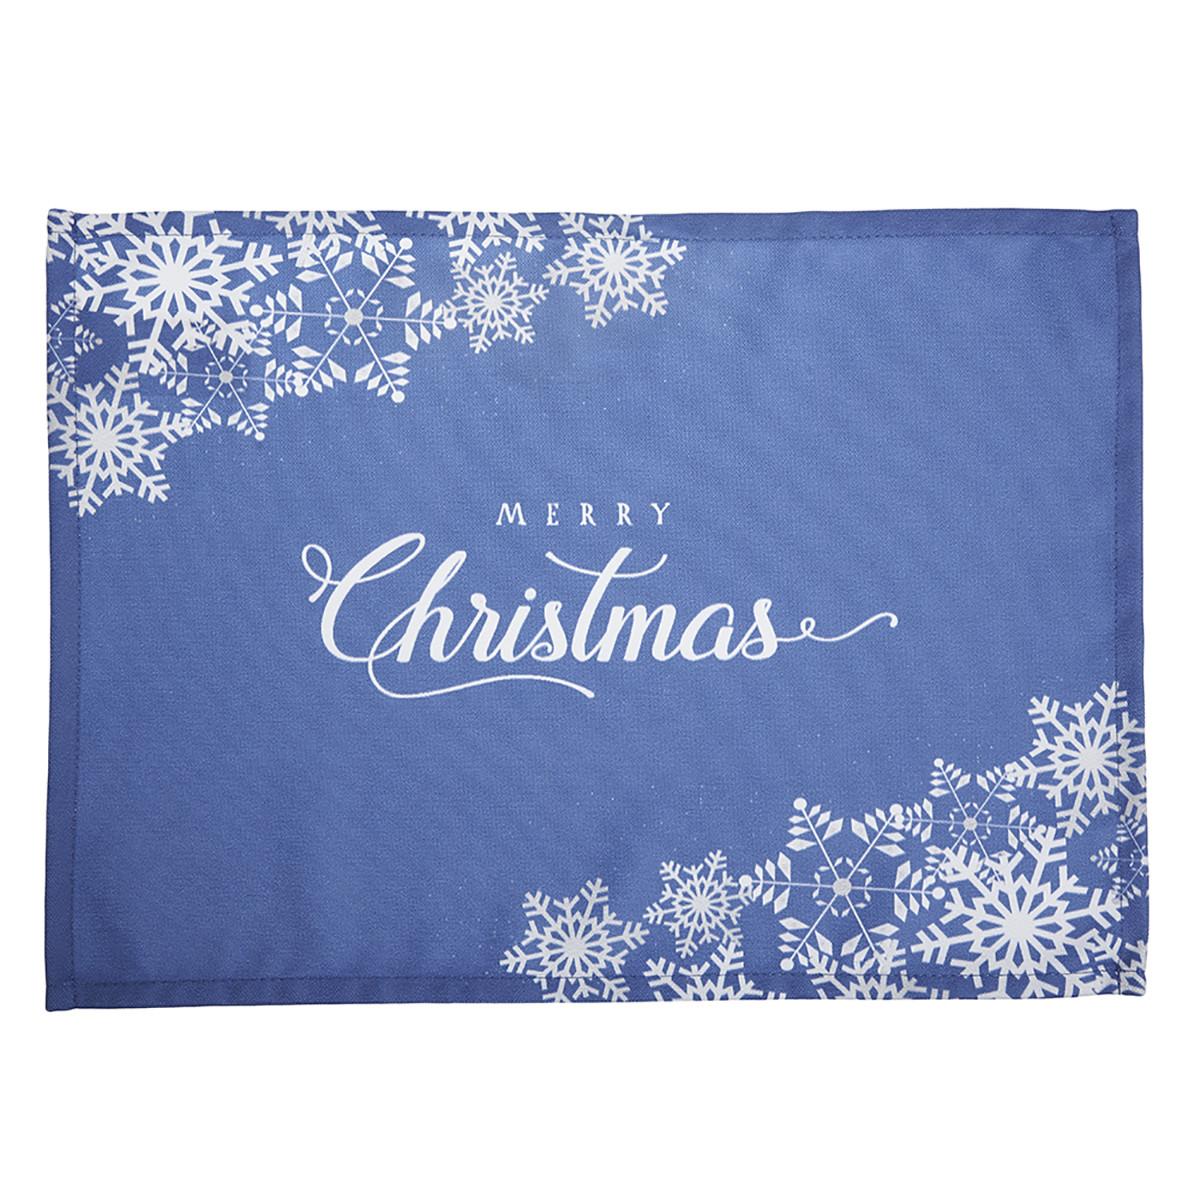 Χριστουγεννιάτικα Σουπλά (Σετ 2τμχ) Apolena Xmas Blue 790-5612/1 home   χριστουγεννιάτικα   χριστουγεννιάτικα σουπλά